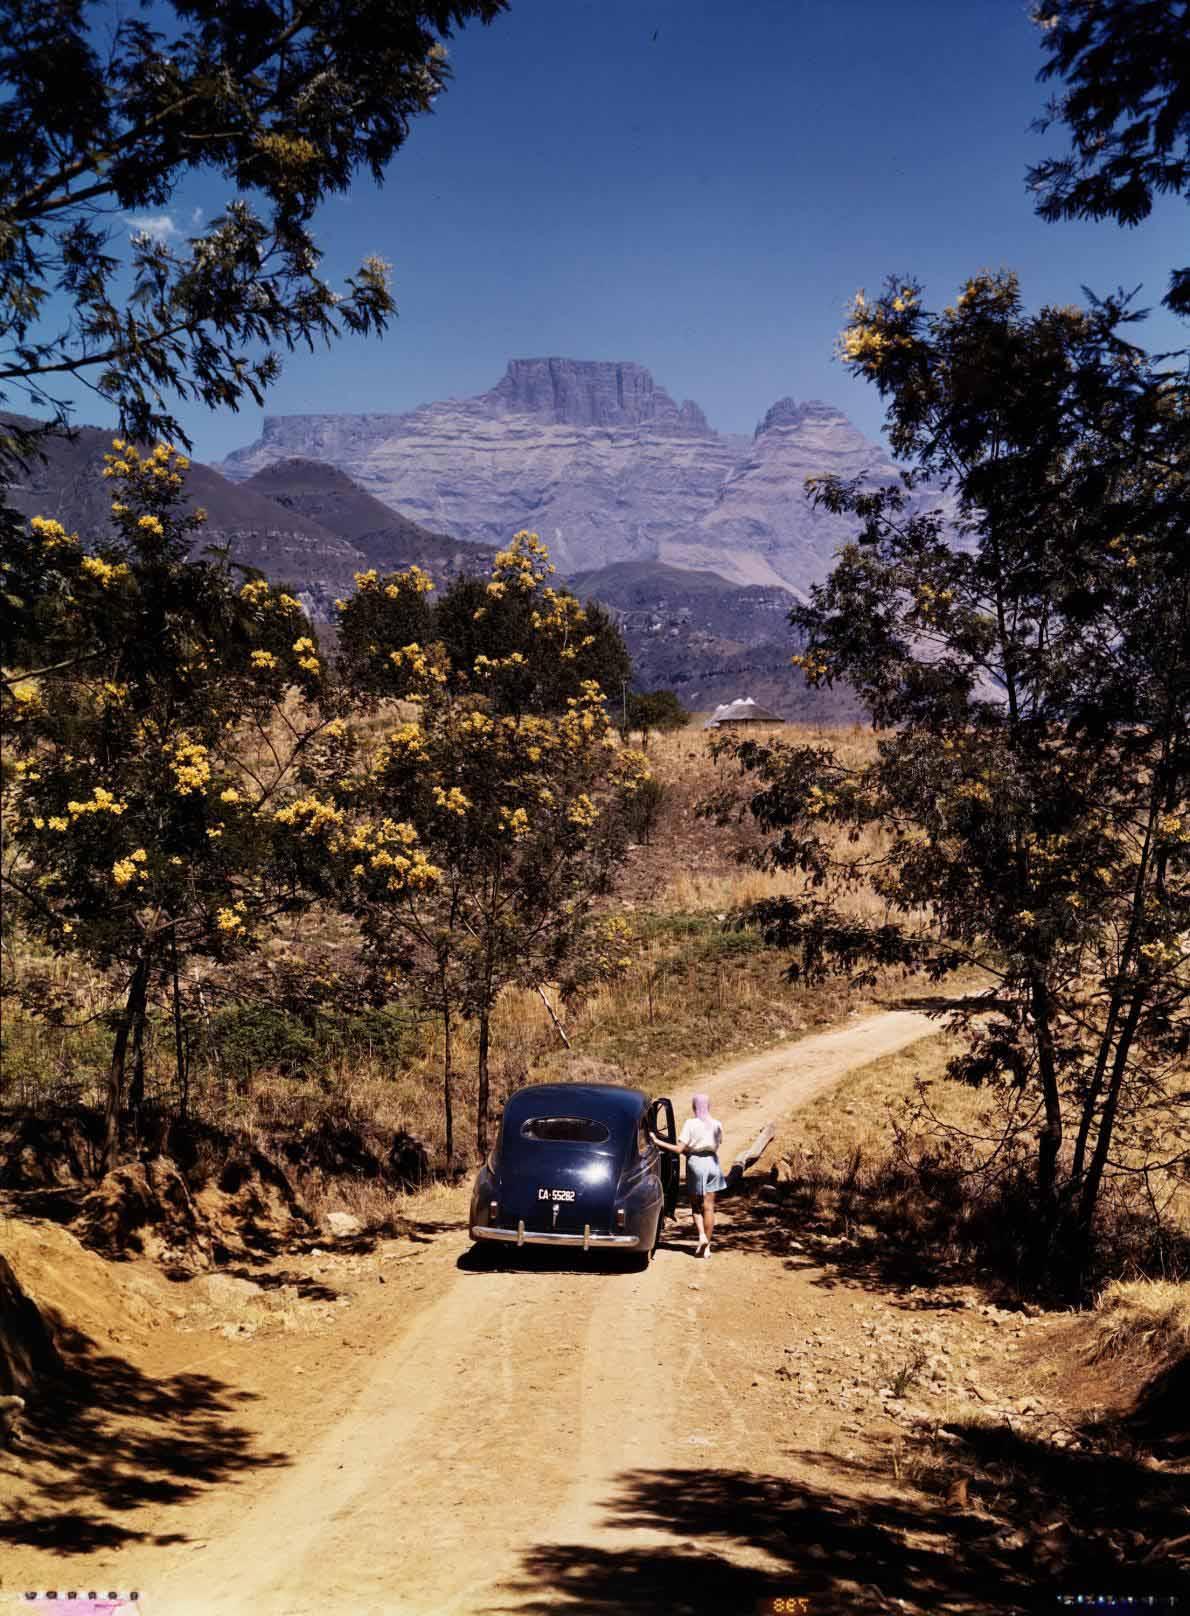 38-africa-road-trip-view.adapt.1190.1.jpg